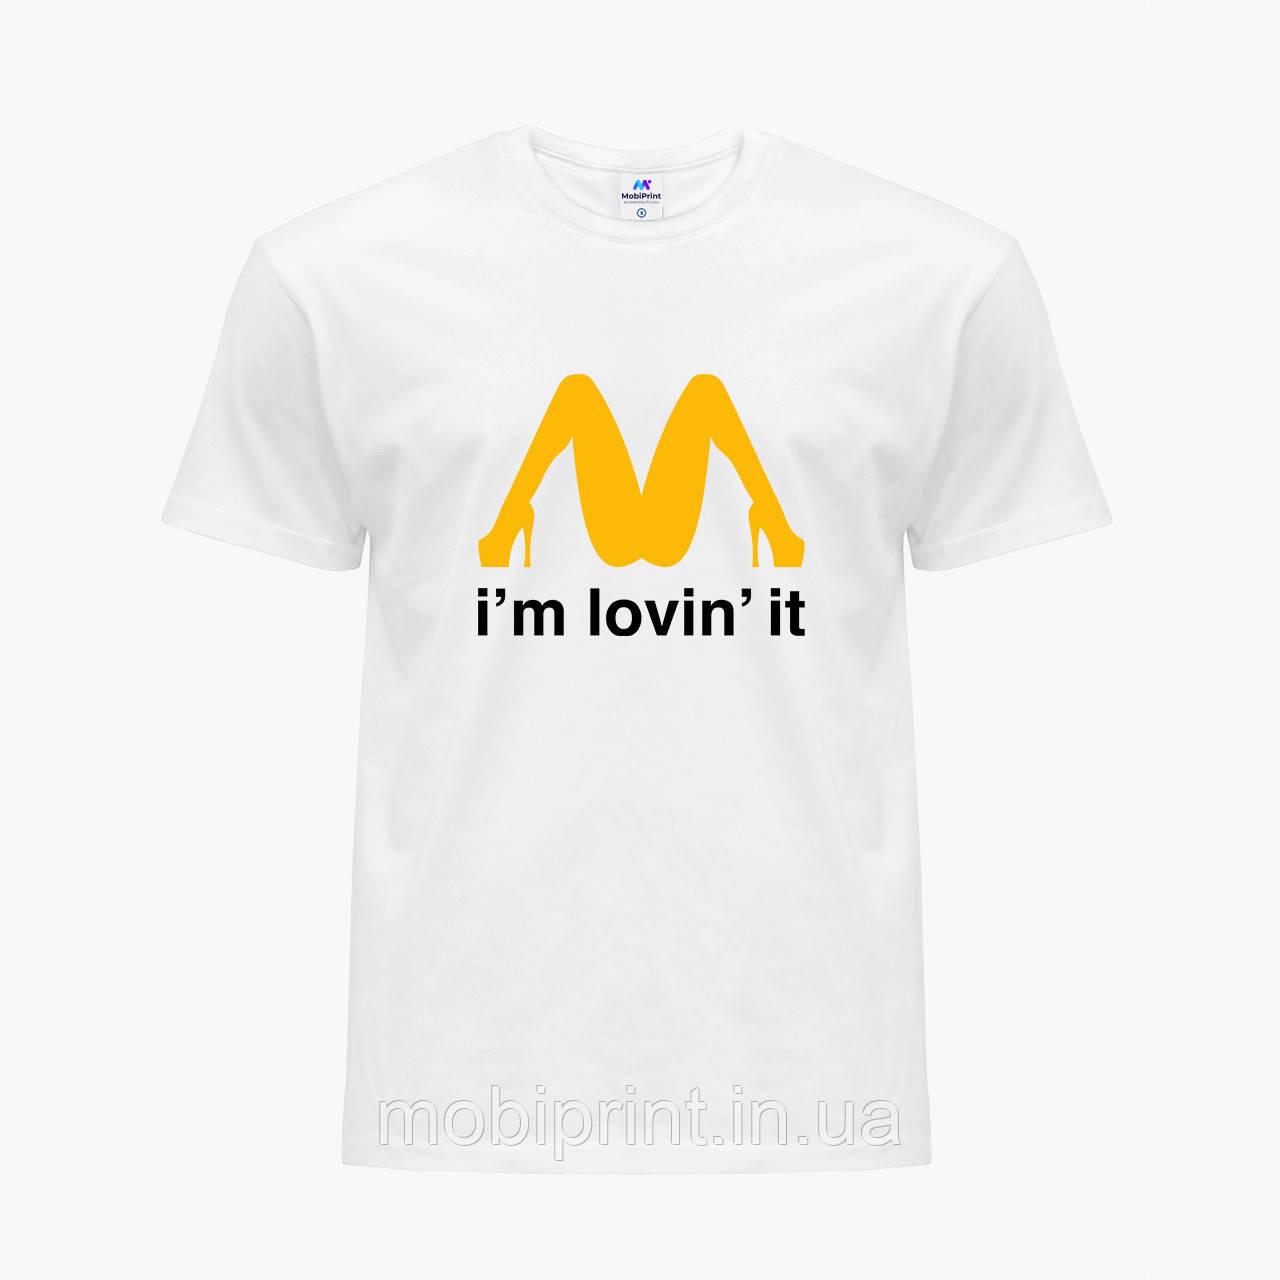 Футболка чоловіча Я це люблю (i'm lovin' it) Білий (9223-2013)